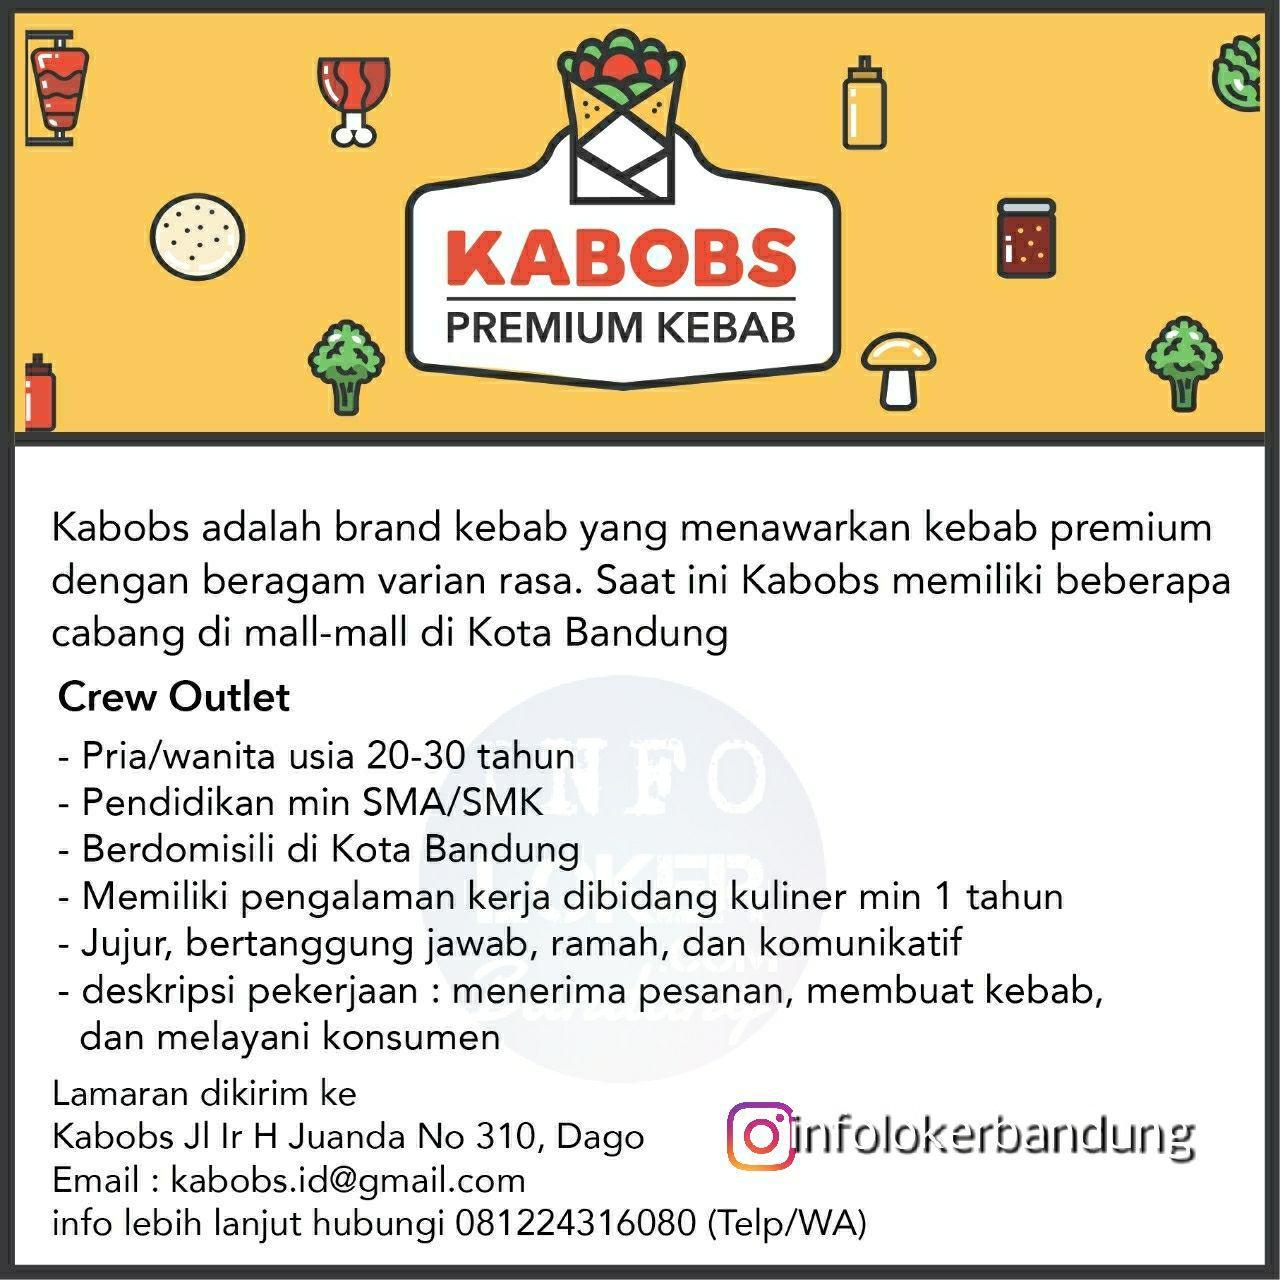 Lowongan Kerja Kabobs Premium Kebab Bandung Mei 2018